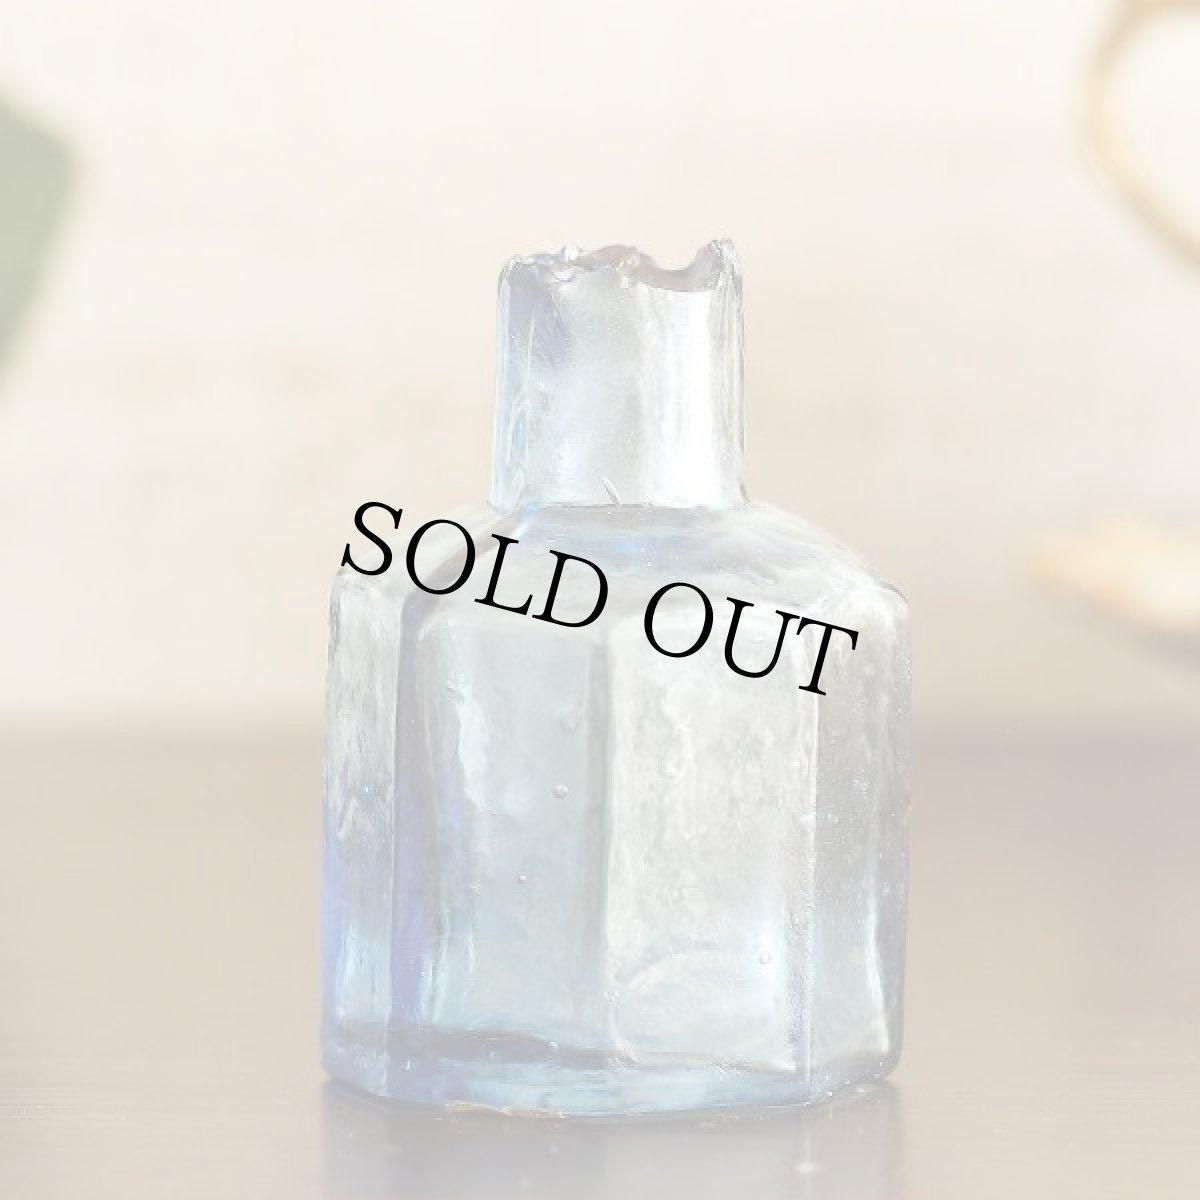 画像1: イギリス アンティークブルーガラス ヴィクトリアンインク瓶 八角形 (約高さ6.0cm) (1)